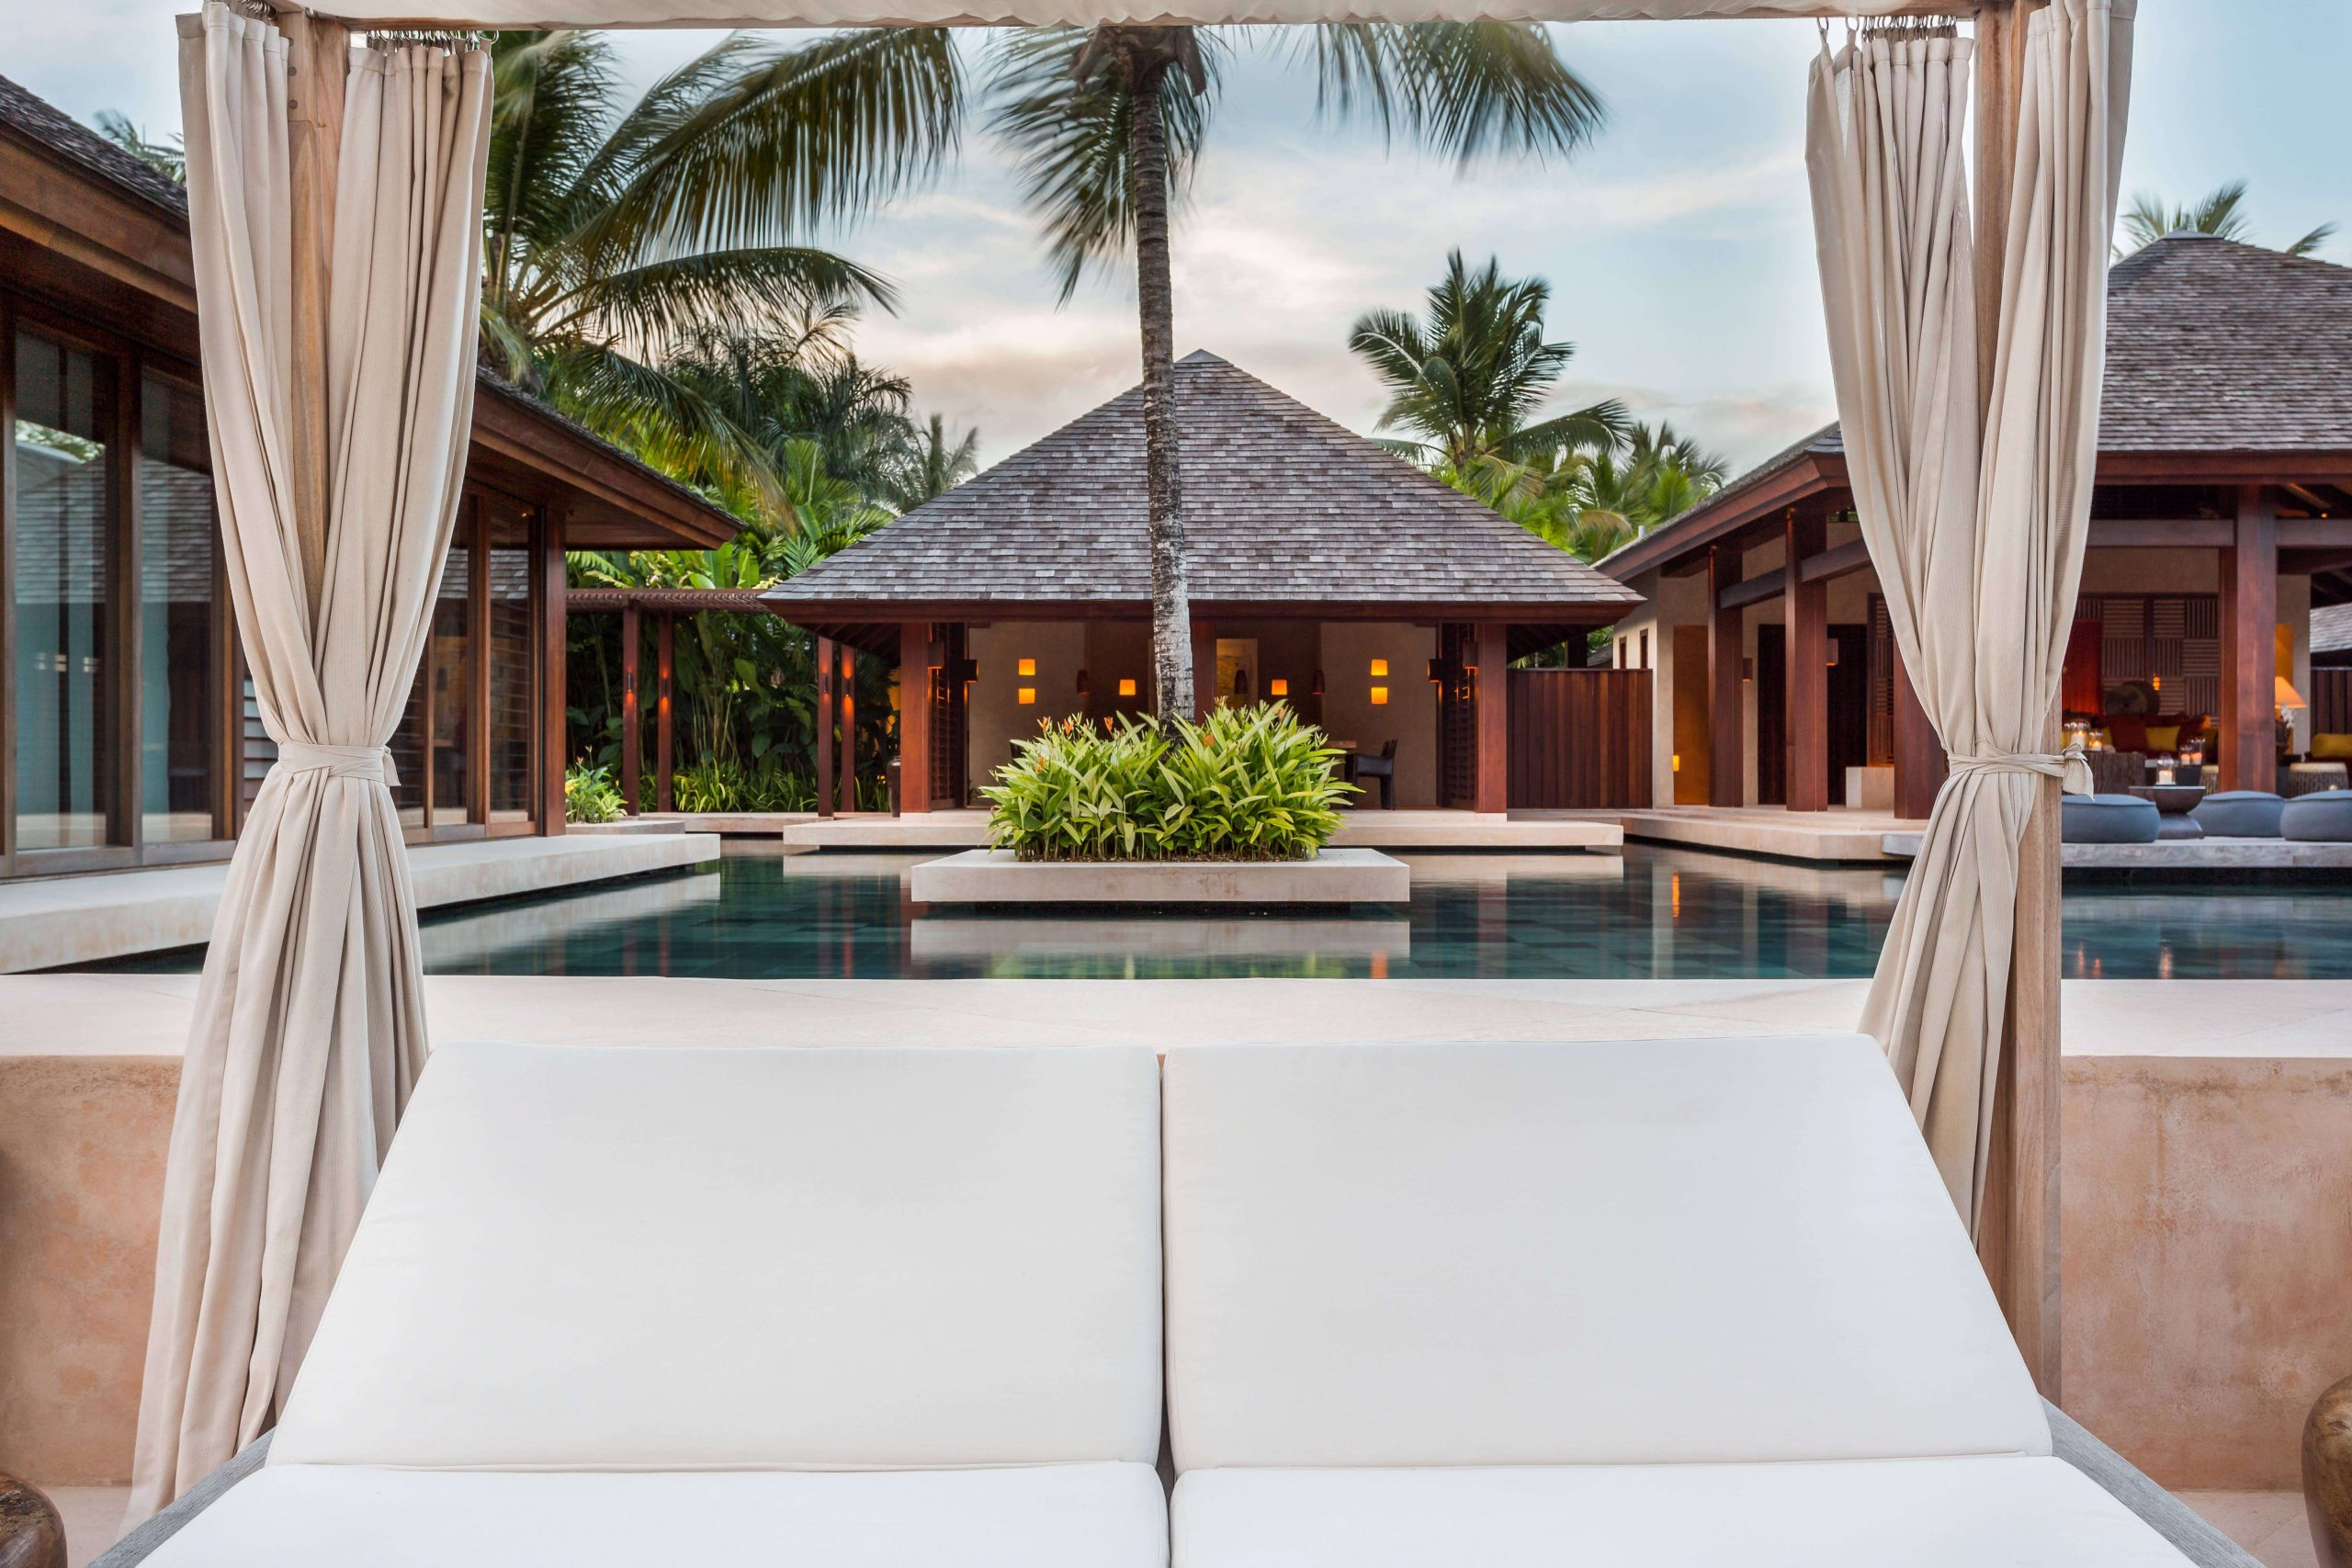 Exklusive Wohnresidenz Architekturbüro TKEZ Architekten Dominikanische Republik